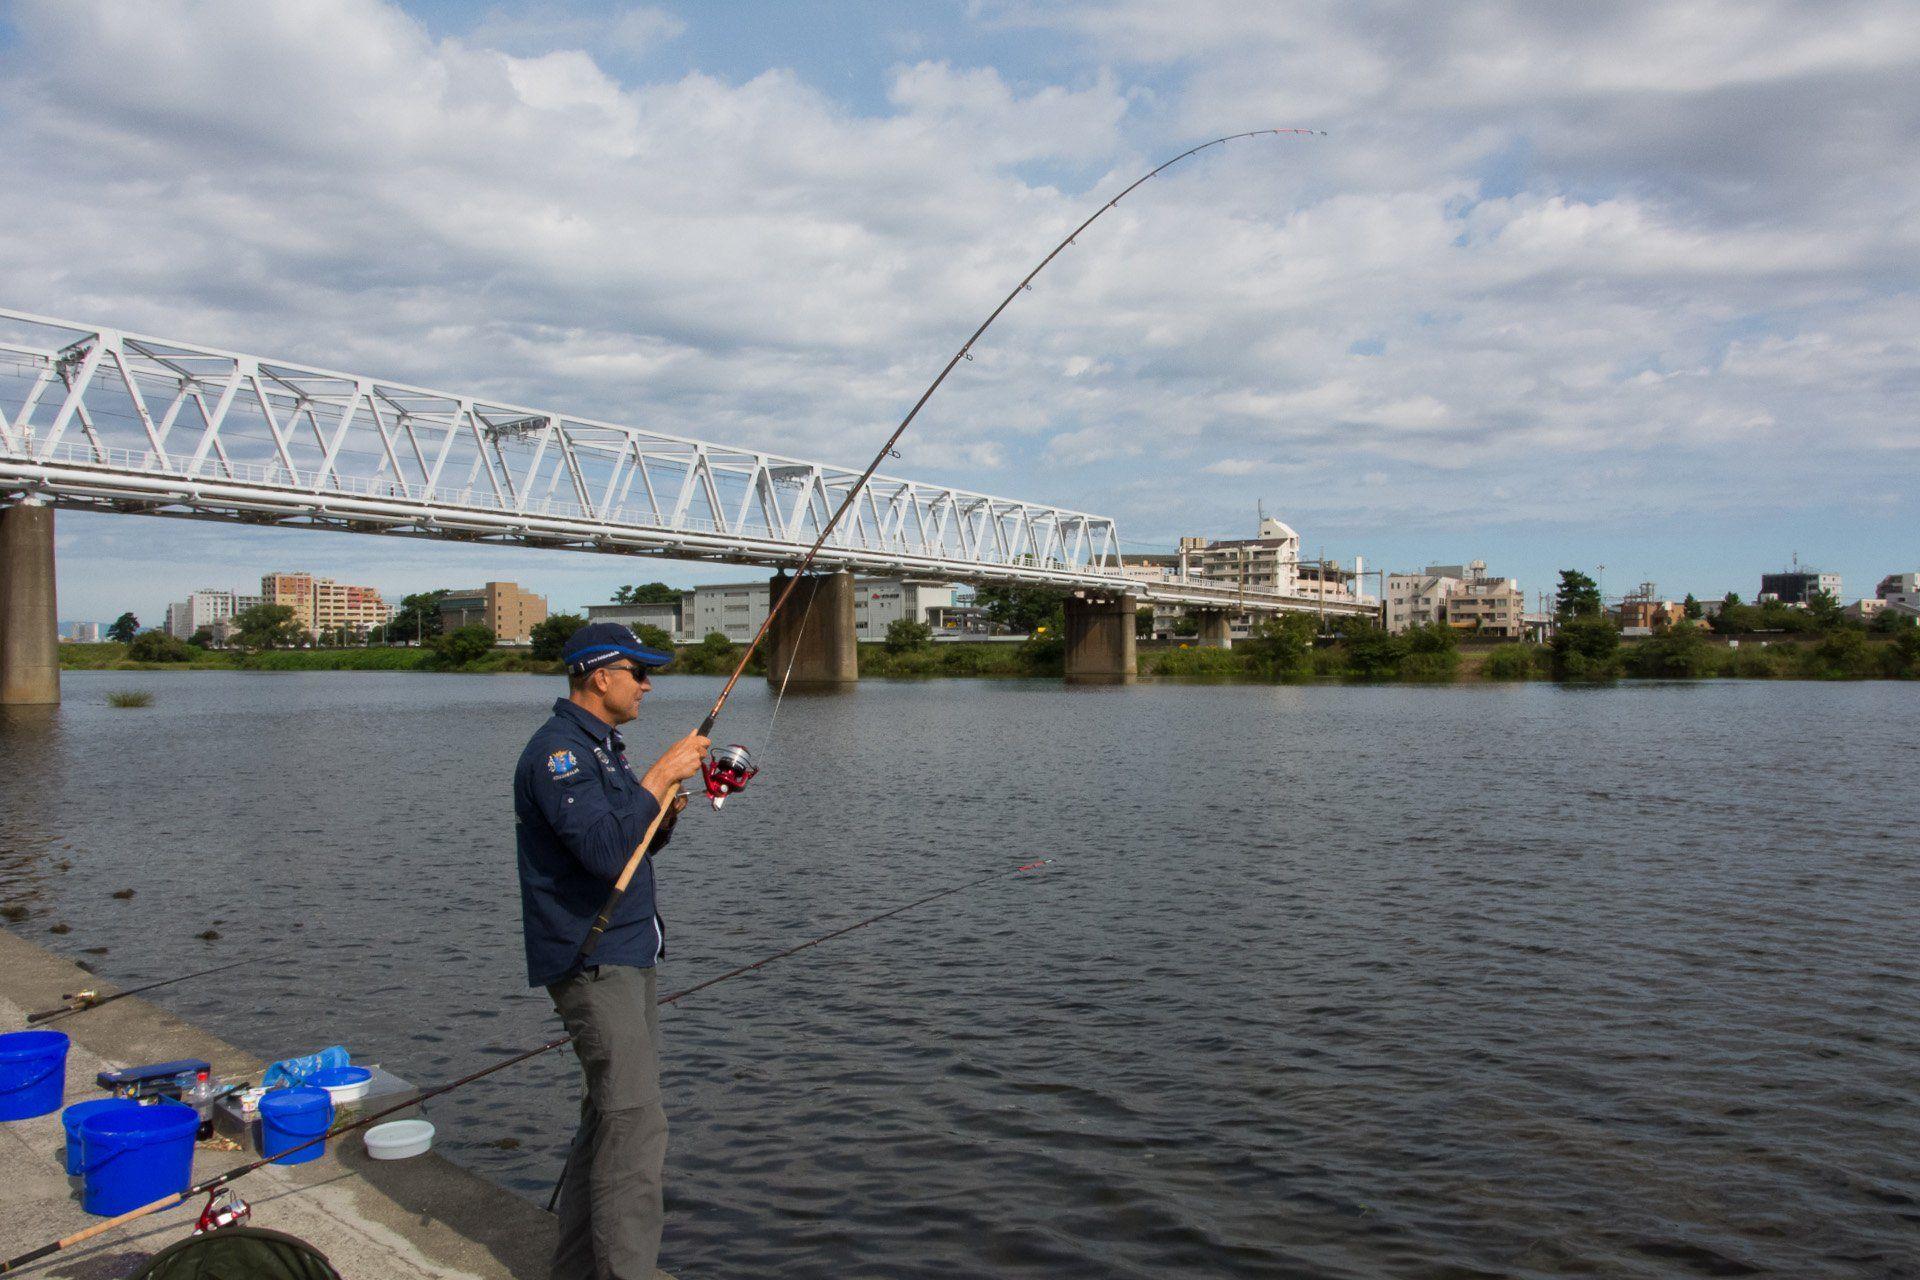 Végre újra halat akasztottam!